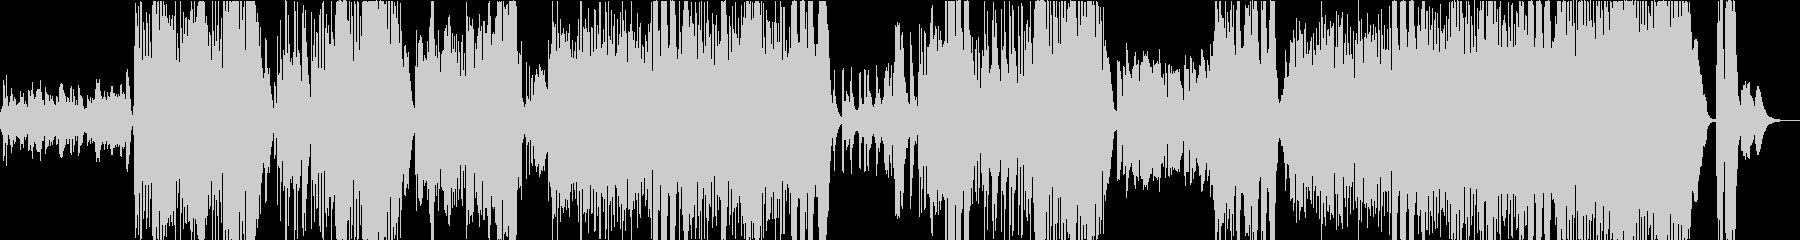 小さな悪魔のワルツの未再生の波形